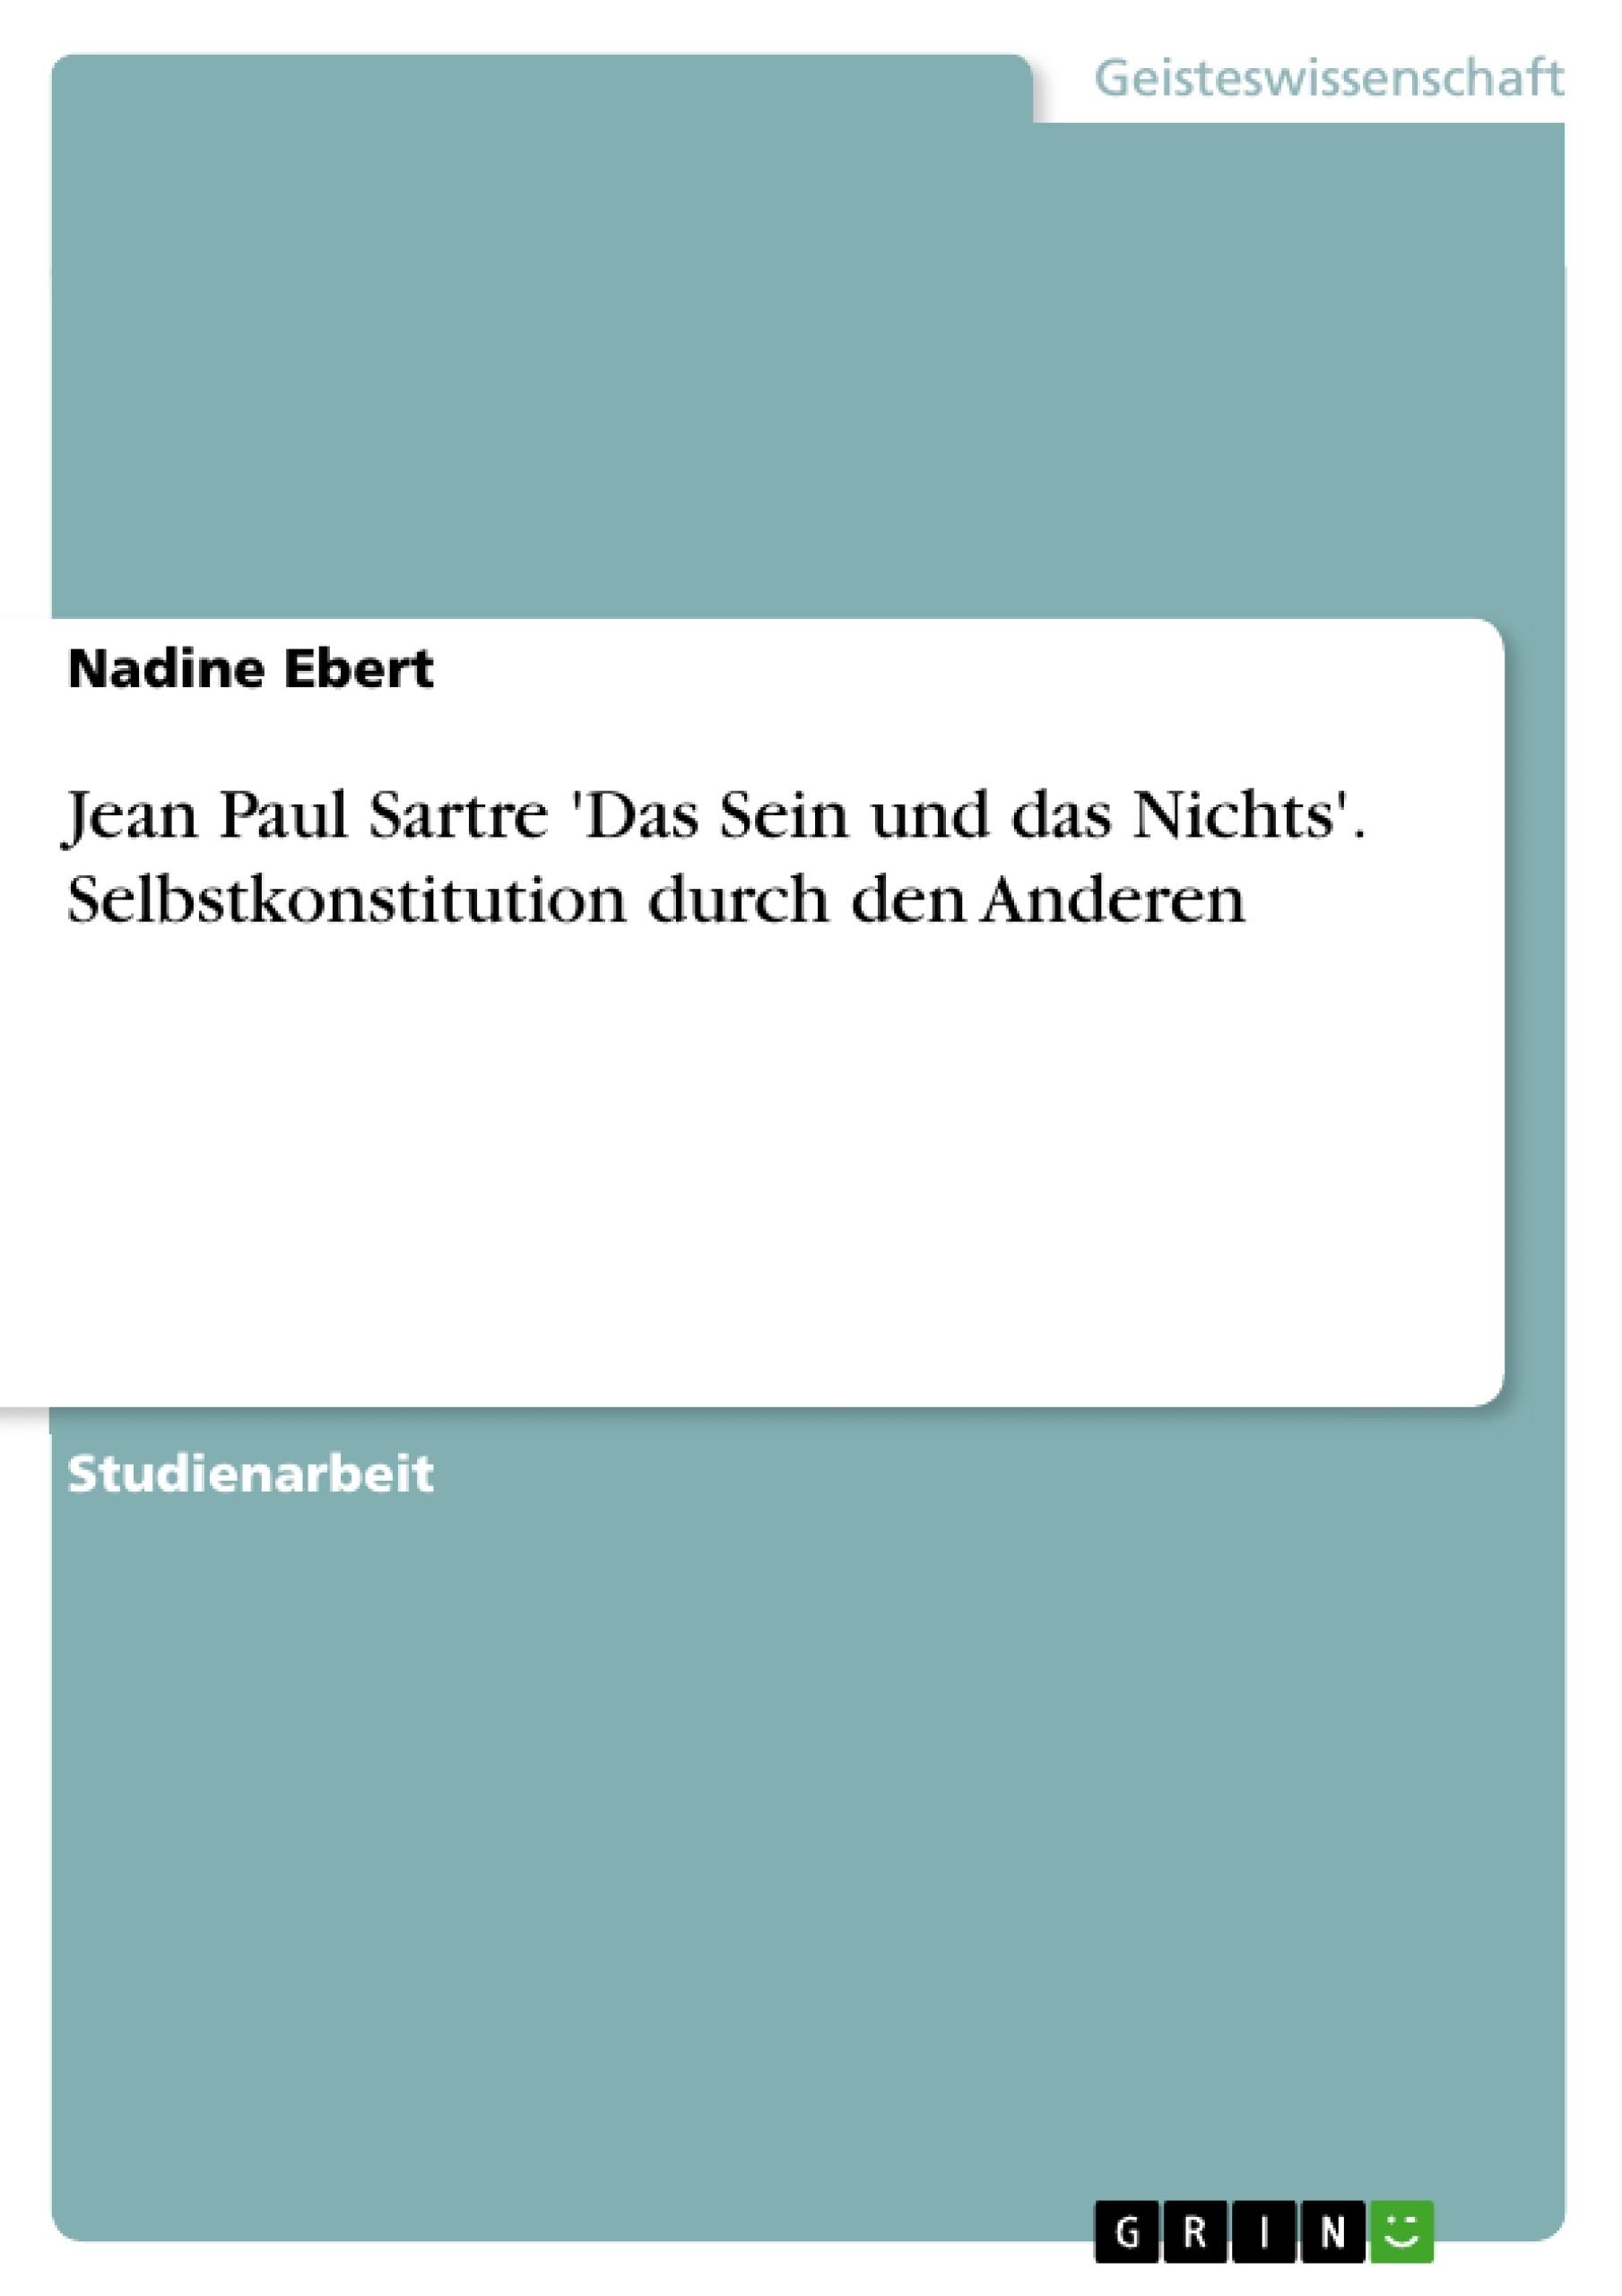 Titel: Jean Paul Sartre 'Das Sein und das Nichts'. Selbstkonstitution durch den Anderen